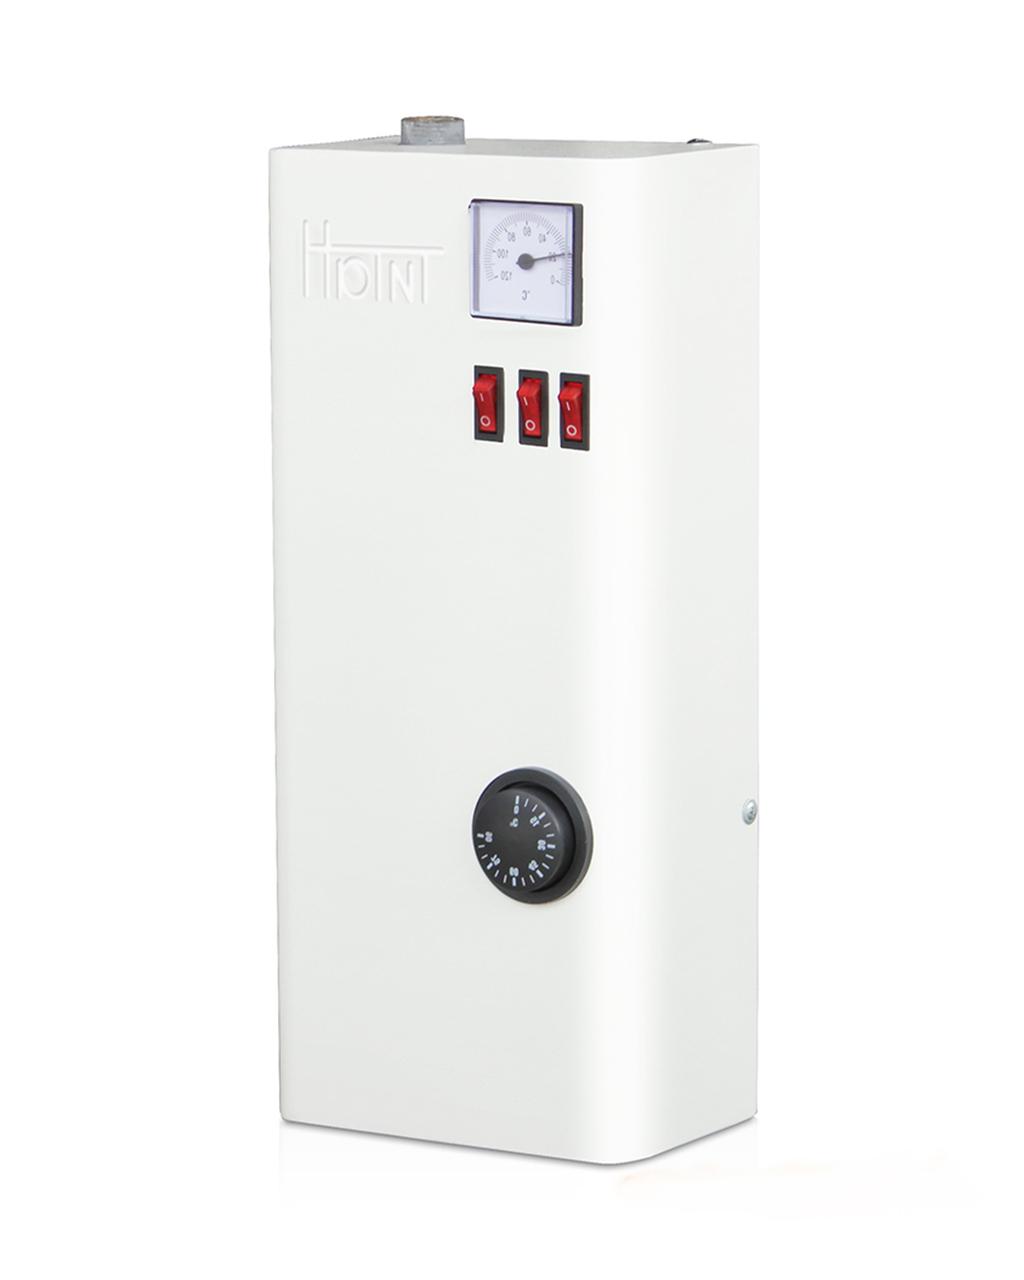 Электрический котел Титан Мини Люкс, 15 кВт 380 В